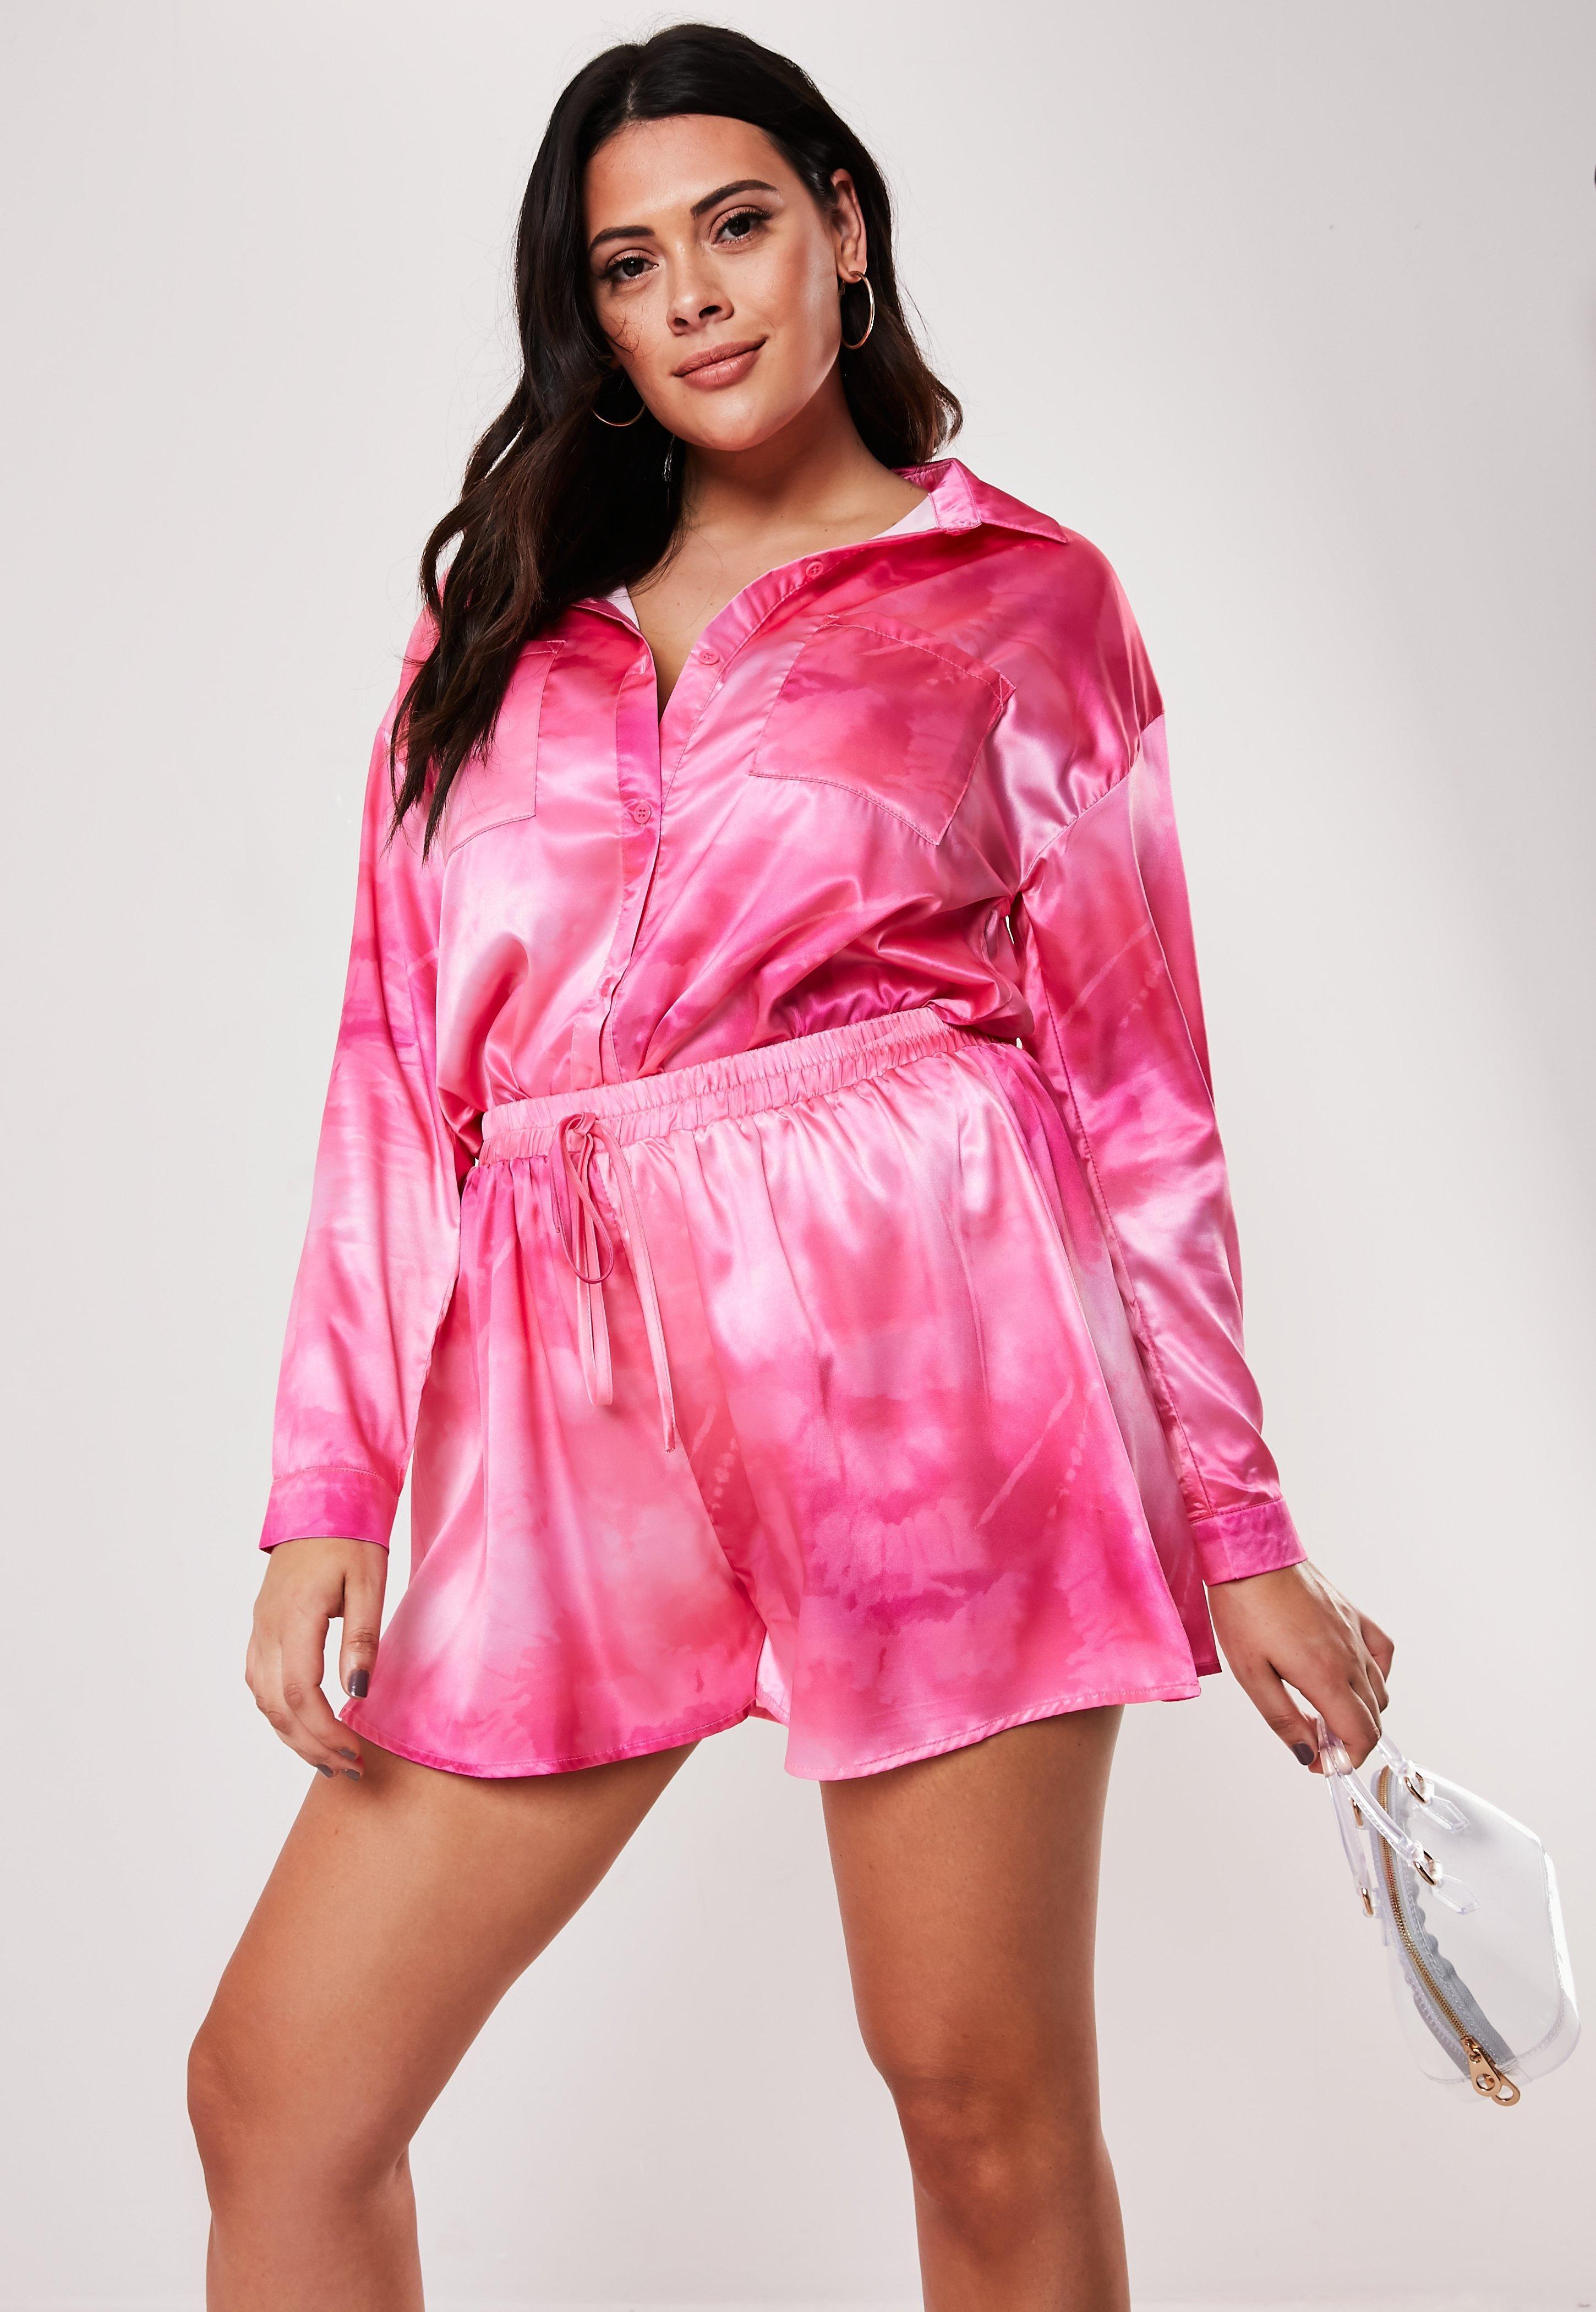 3860d7af47a1e Plus Size Clothing & Plus Size Women's Fashion | Missguided+